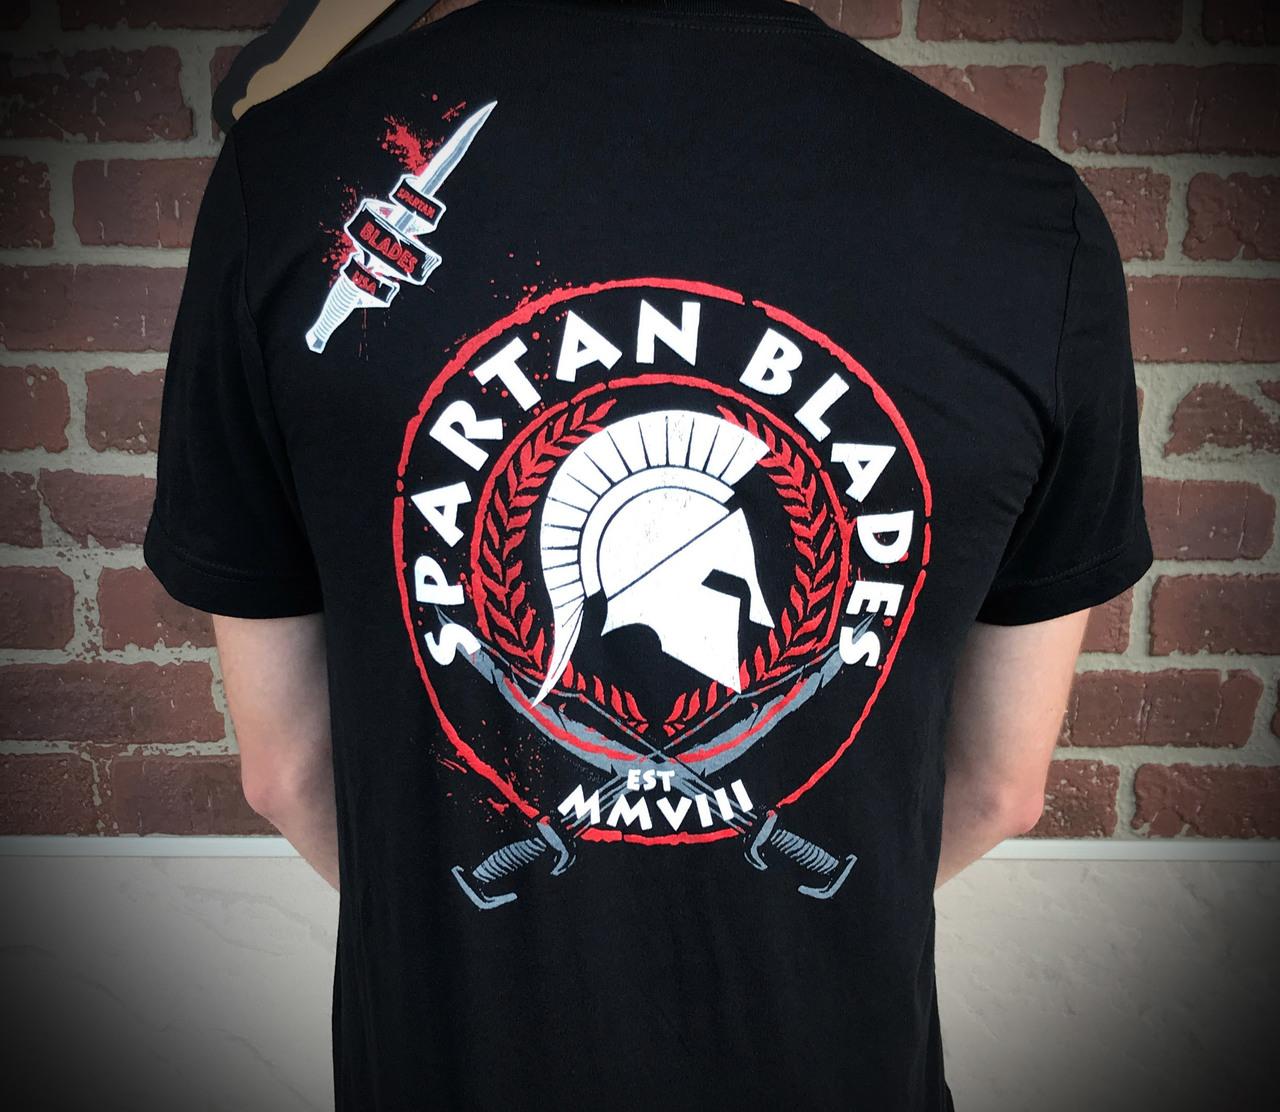 spartan t shirt  Spartan Tri-Color T - Shirt